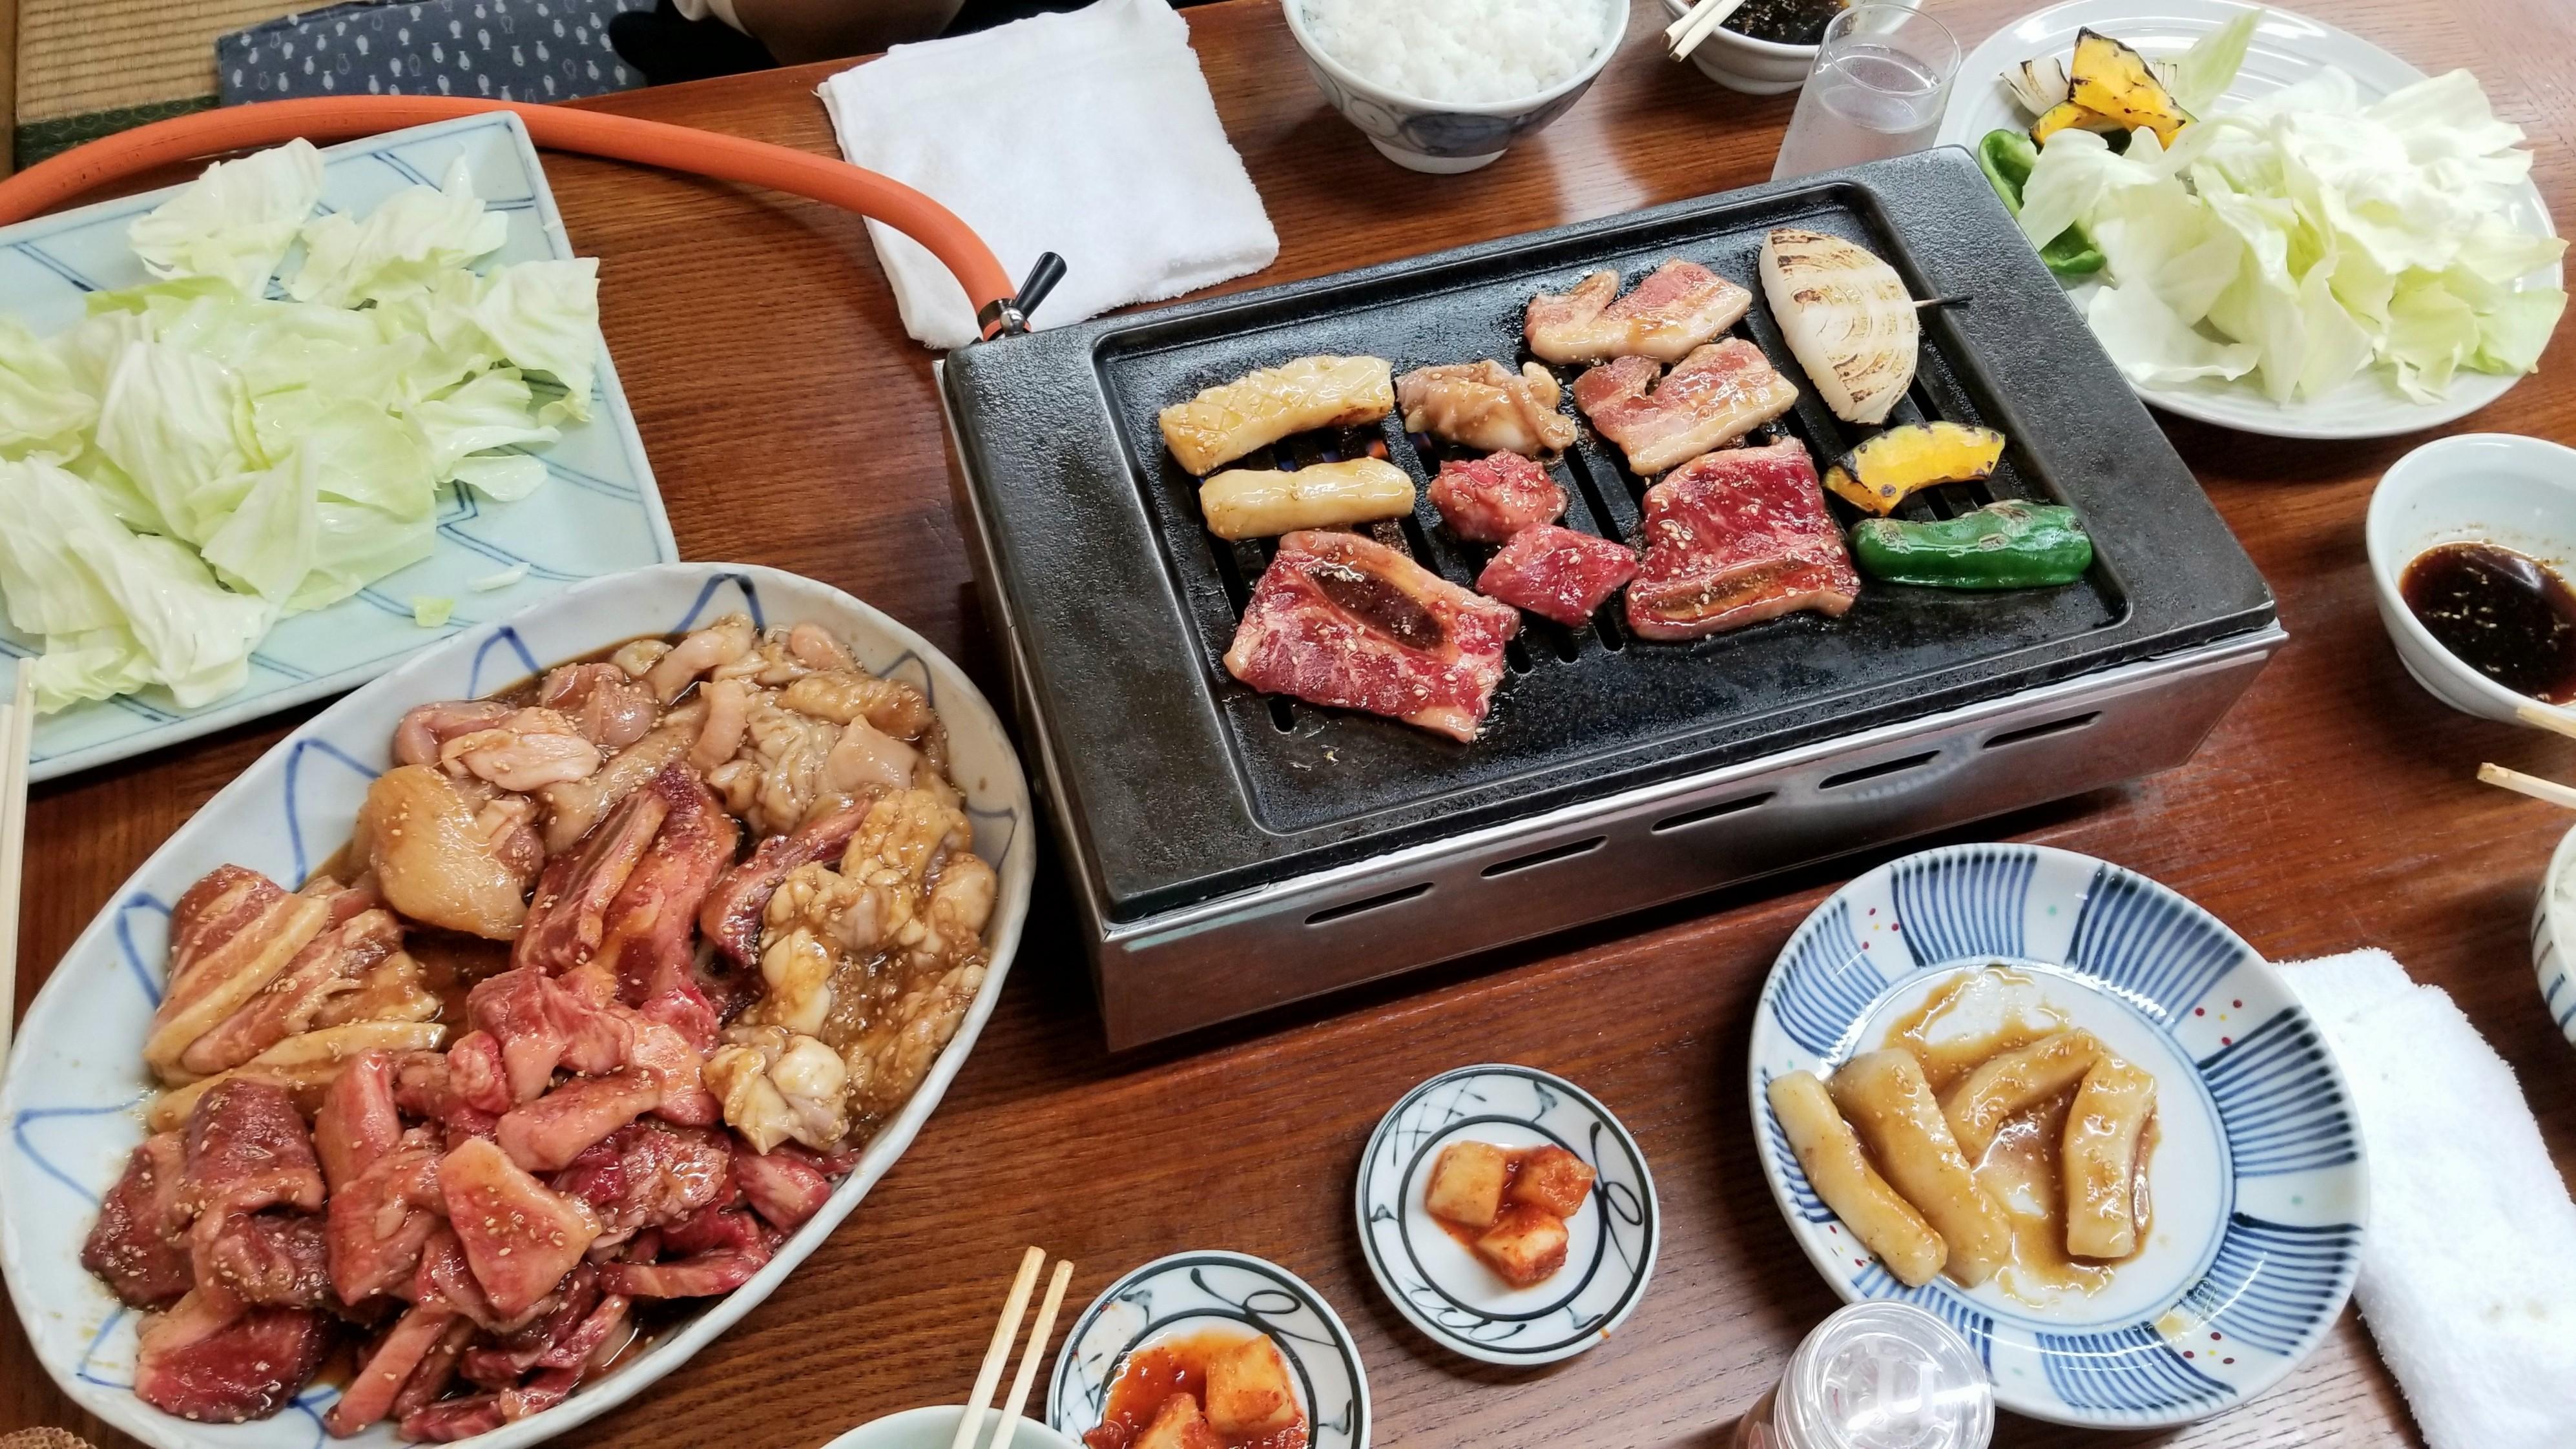 おいしい焼肉おすすめ富久重ふくしげ疲労回復甘い肉松山市絶品